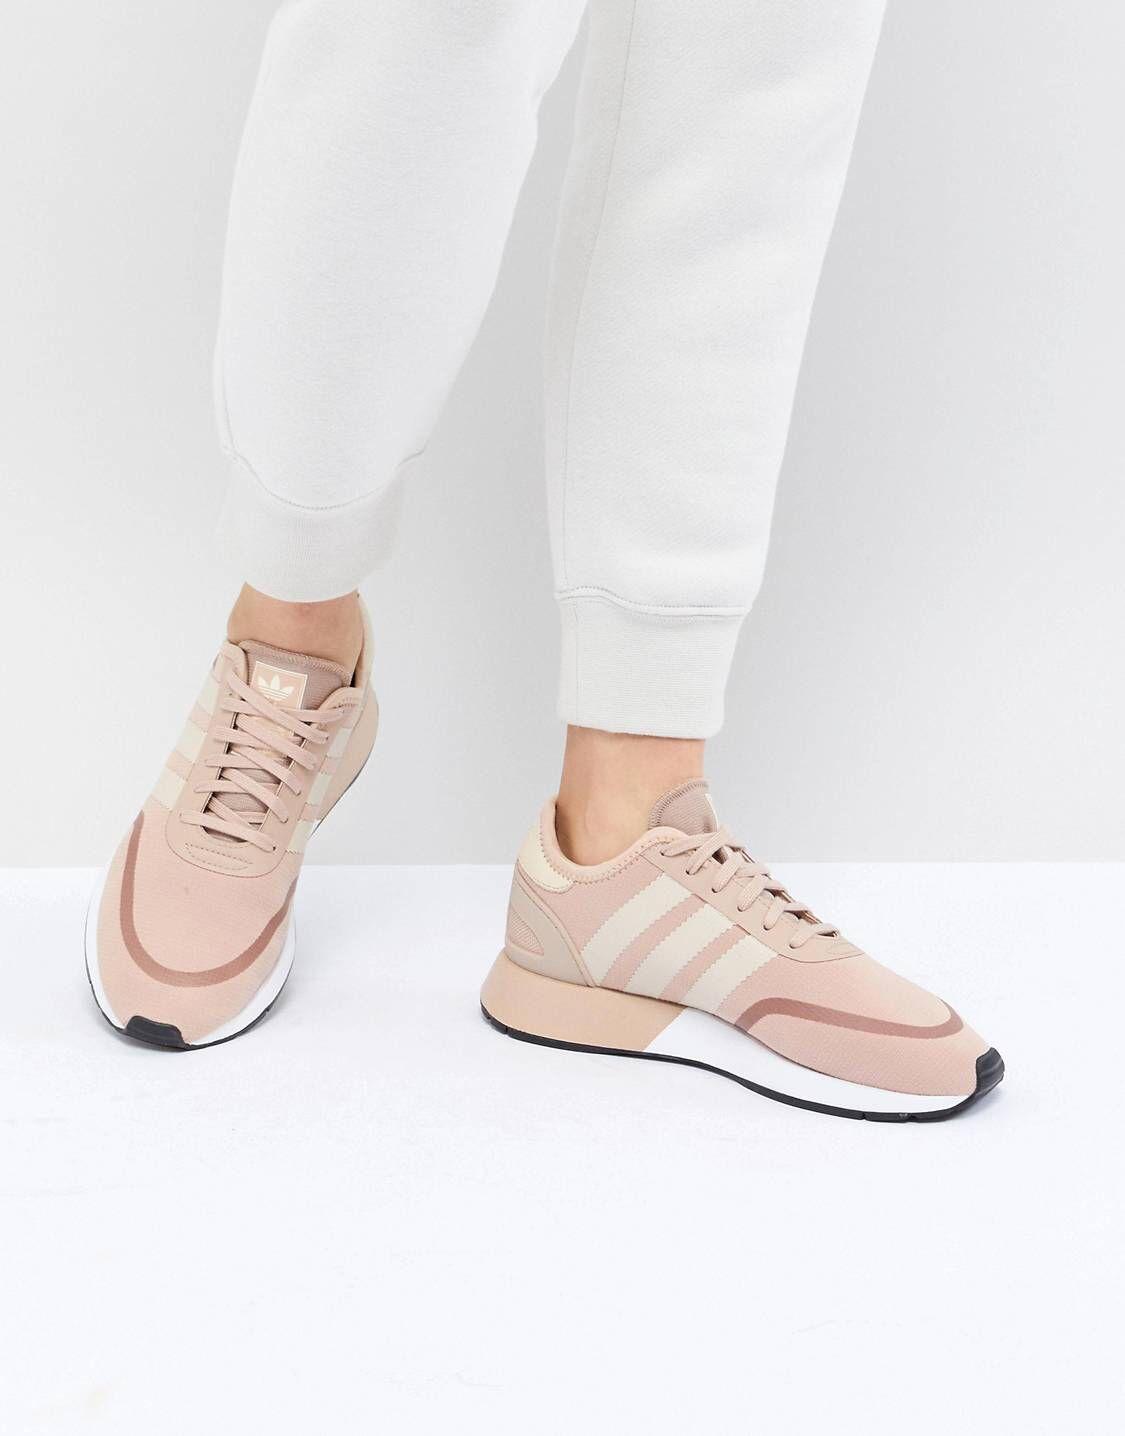 Zapatillas de deporte en rosa N-5923 de adidas Originals Fe2mIyo